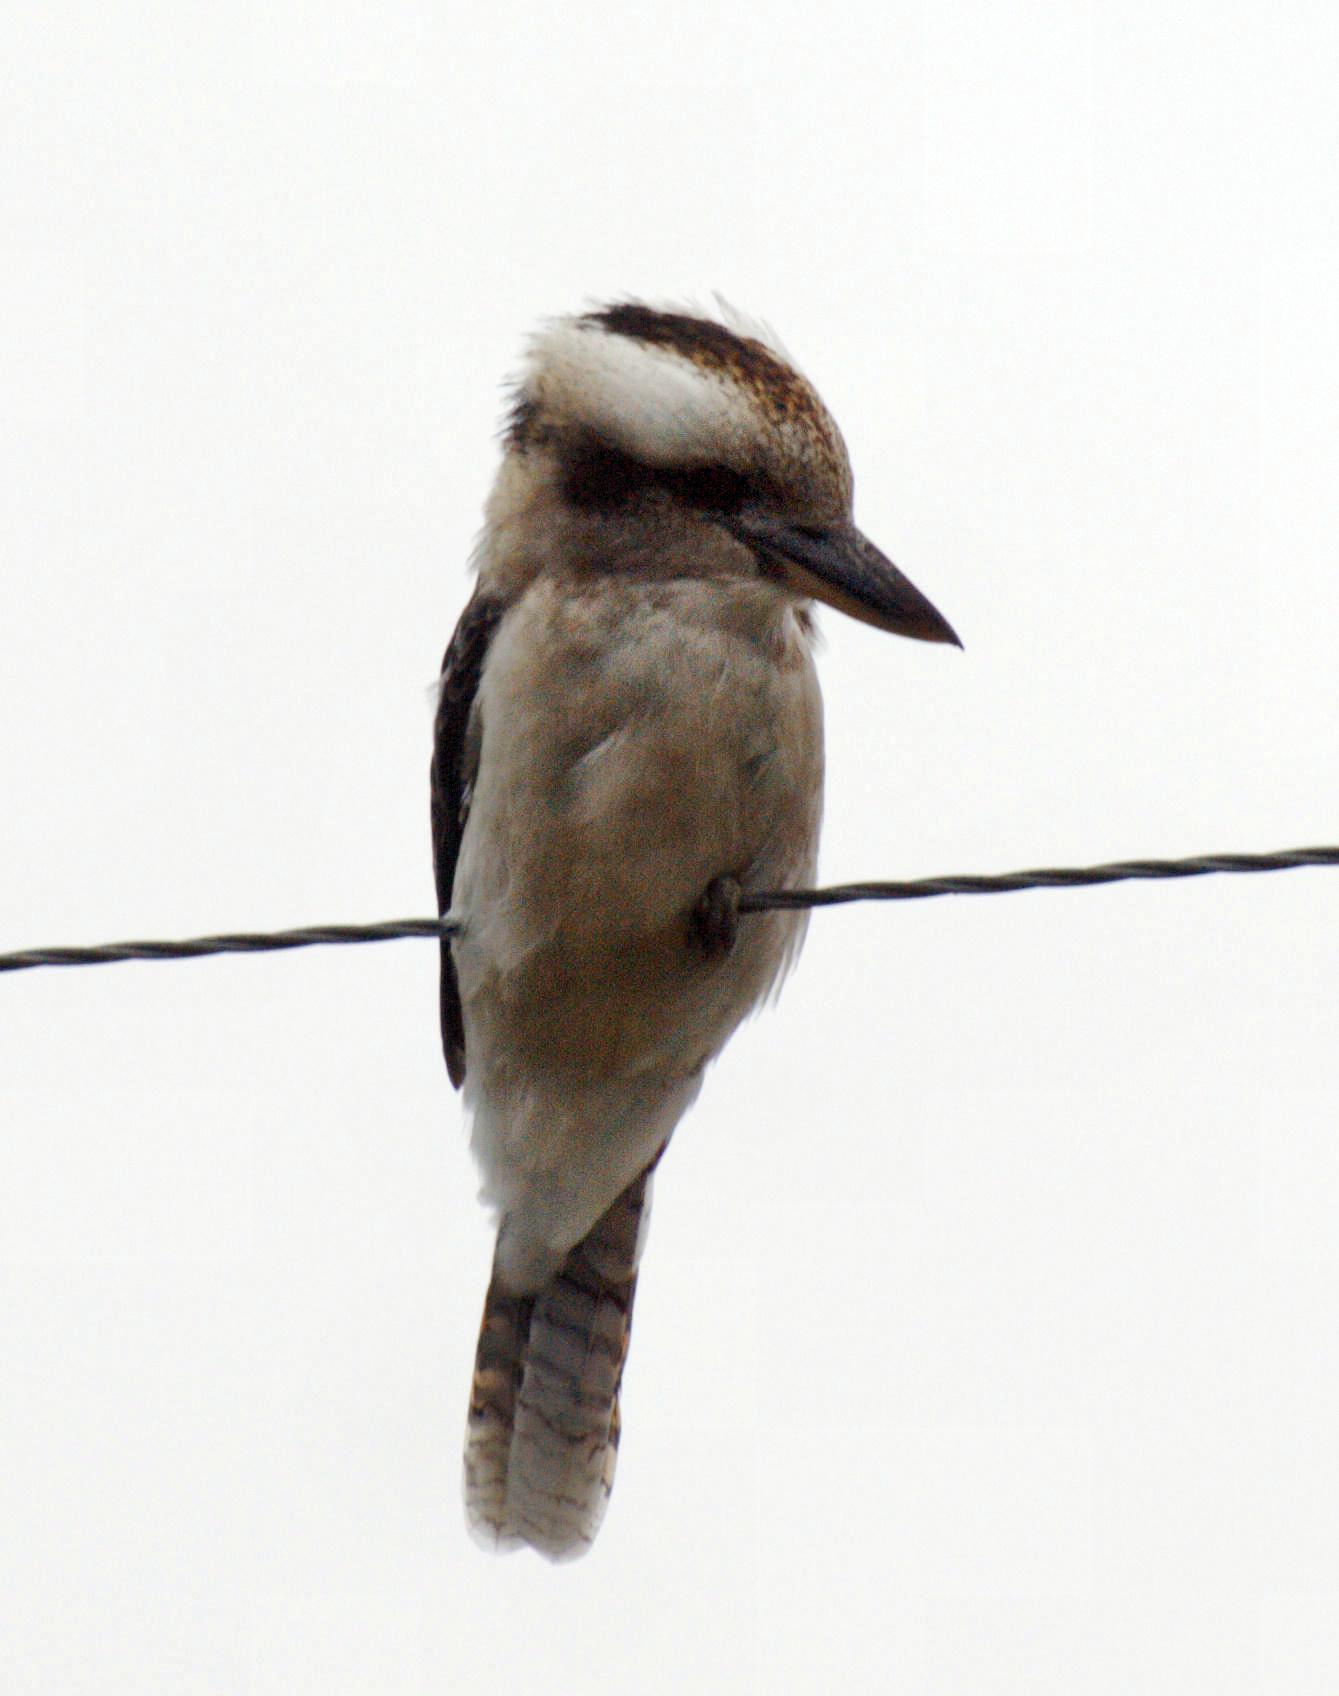 Kookaburra-2.jpeg